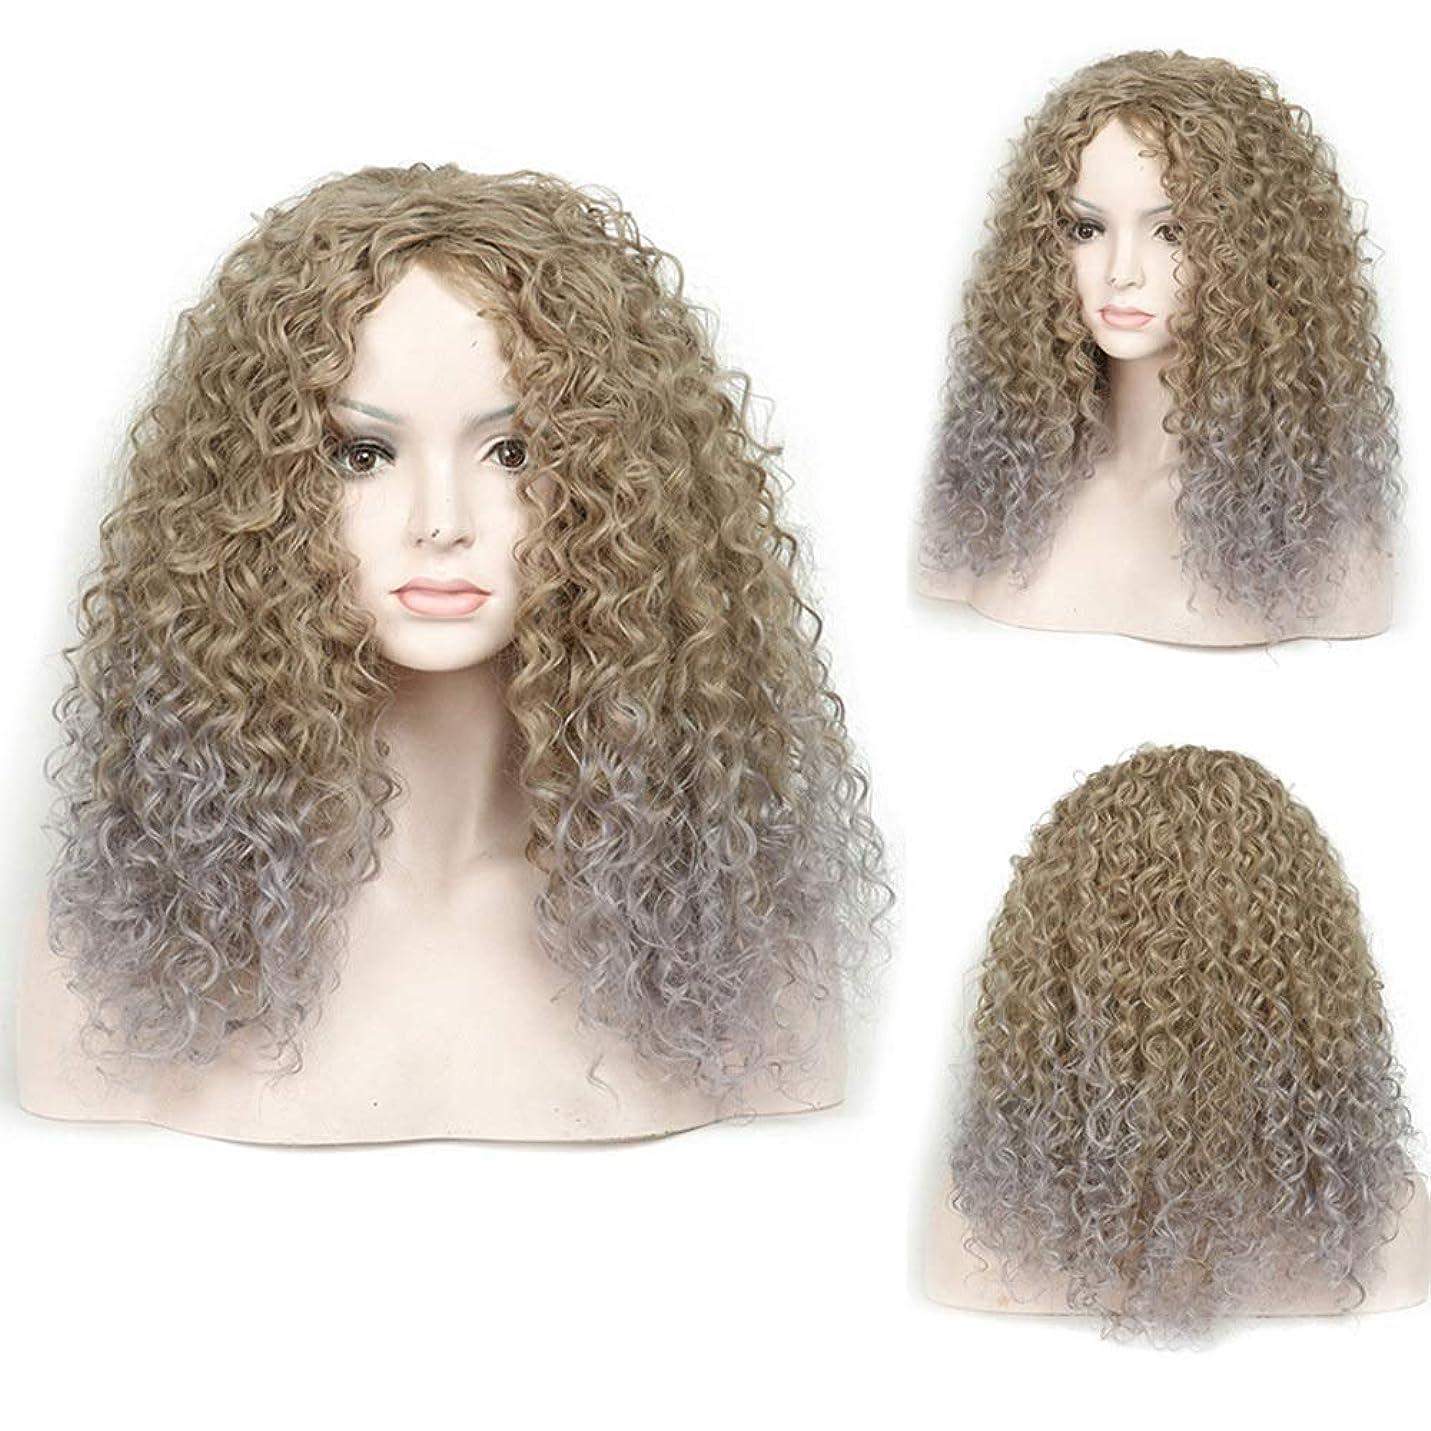 海洋の真似る塊BOBIDYEE アフリカの人工毛髪黒グラデーションおばあちゃんグレー長い巻き毛女性の爆発ヘッドコスプレかつらパーティーかつら (Color : グレー)